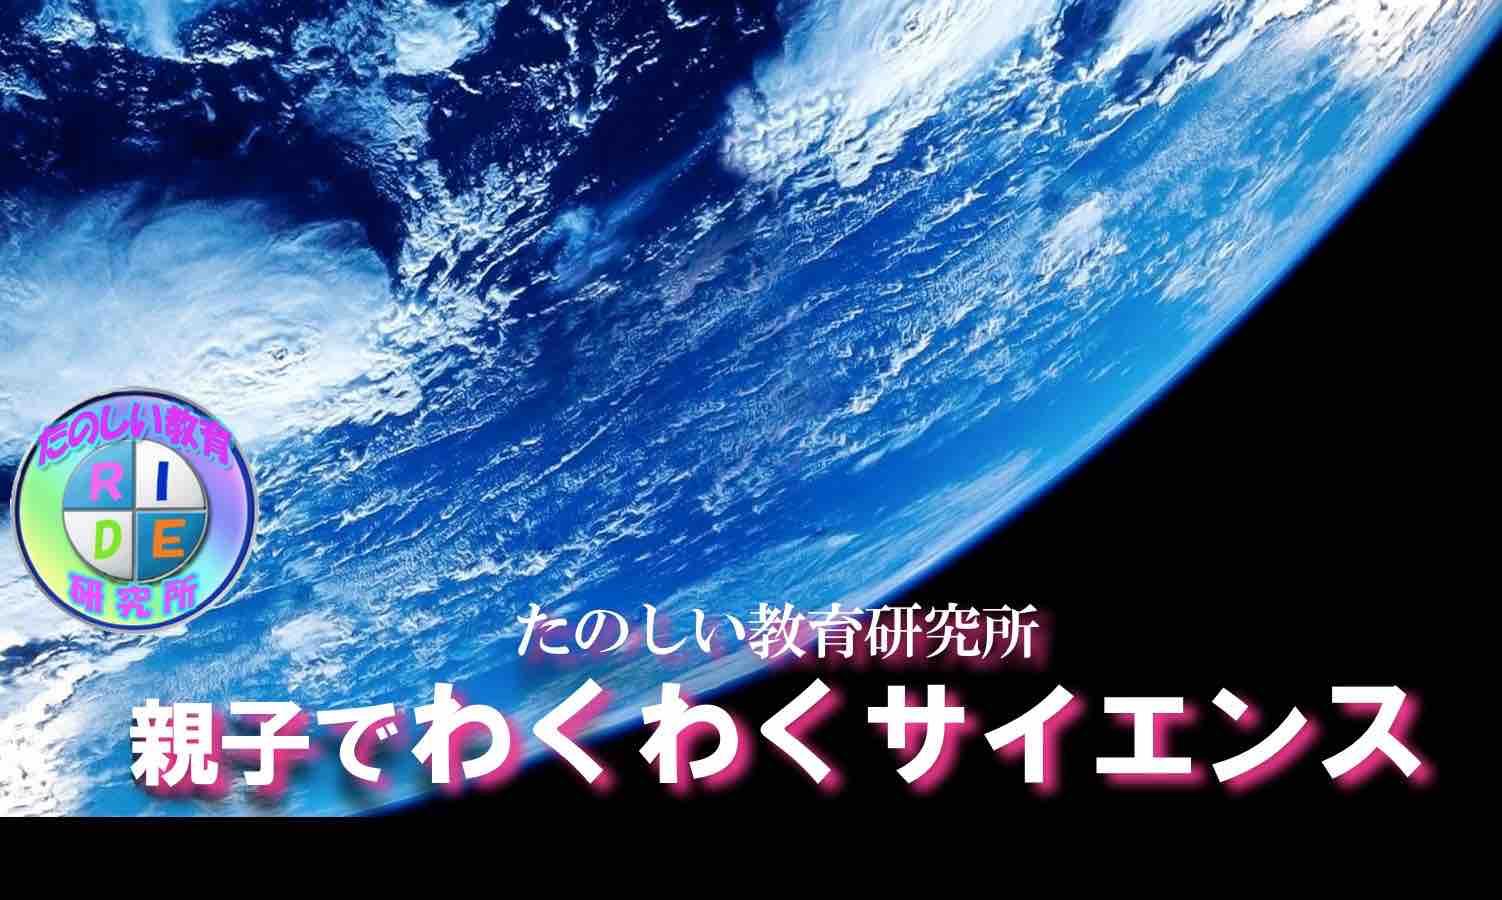 スクリーンショット 2015-10-29 22.56.46